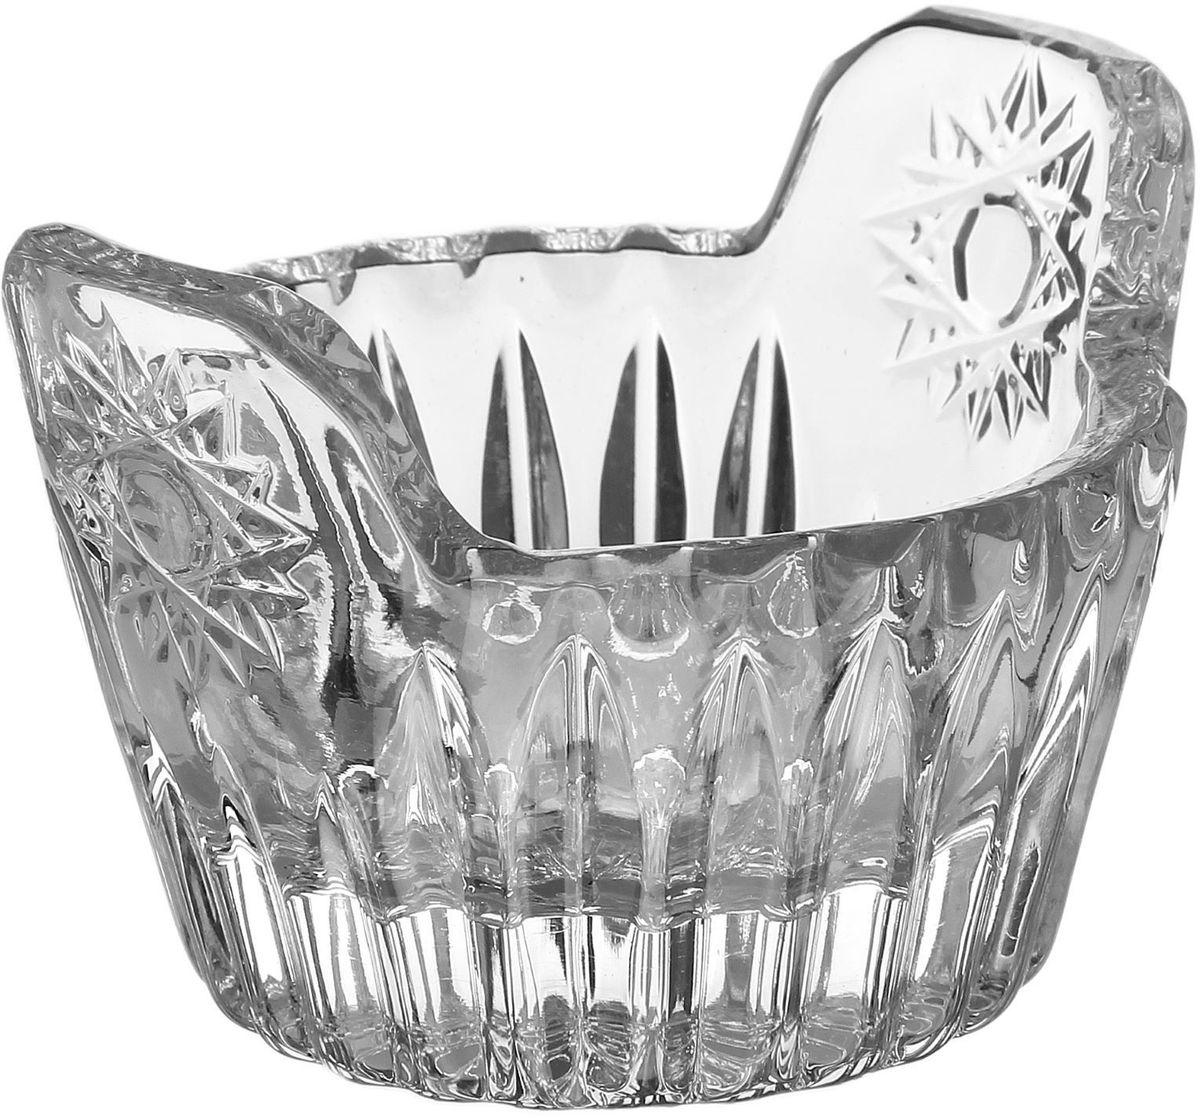 Икорница Бахметьевский завод, диаметр 10 см115510От хорошей кухонной утвари зависит половина успеха вкусного блюда. Чтобы еда была вкусной, важно ее правильно приготовить и сервировать. Вся посуда, представленная в каталоге, сделана из проверенных материалов, безопасна в использовании, будет долго радовать вас своим внешним видом и высоким качеством. Приобретайте изделия по действительно низким оптовым ценам с доставкой на дом.